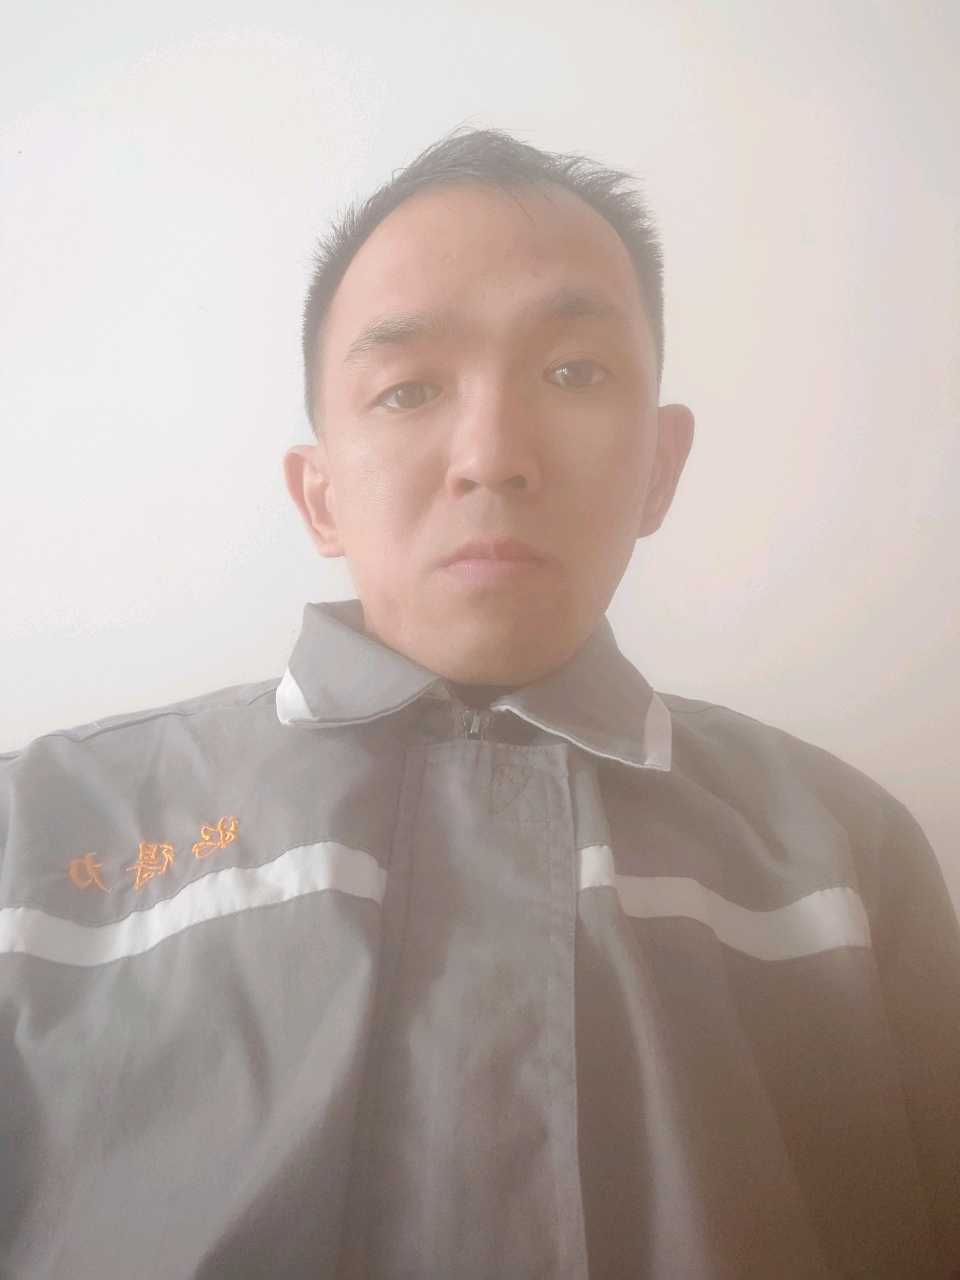 霍城县,新源县,霍尔果斯卡贝晾衣架安装顾师傅